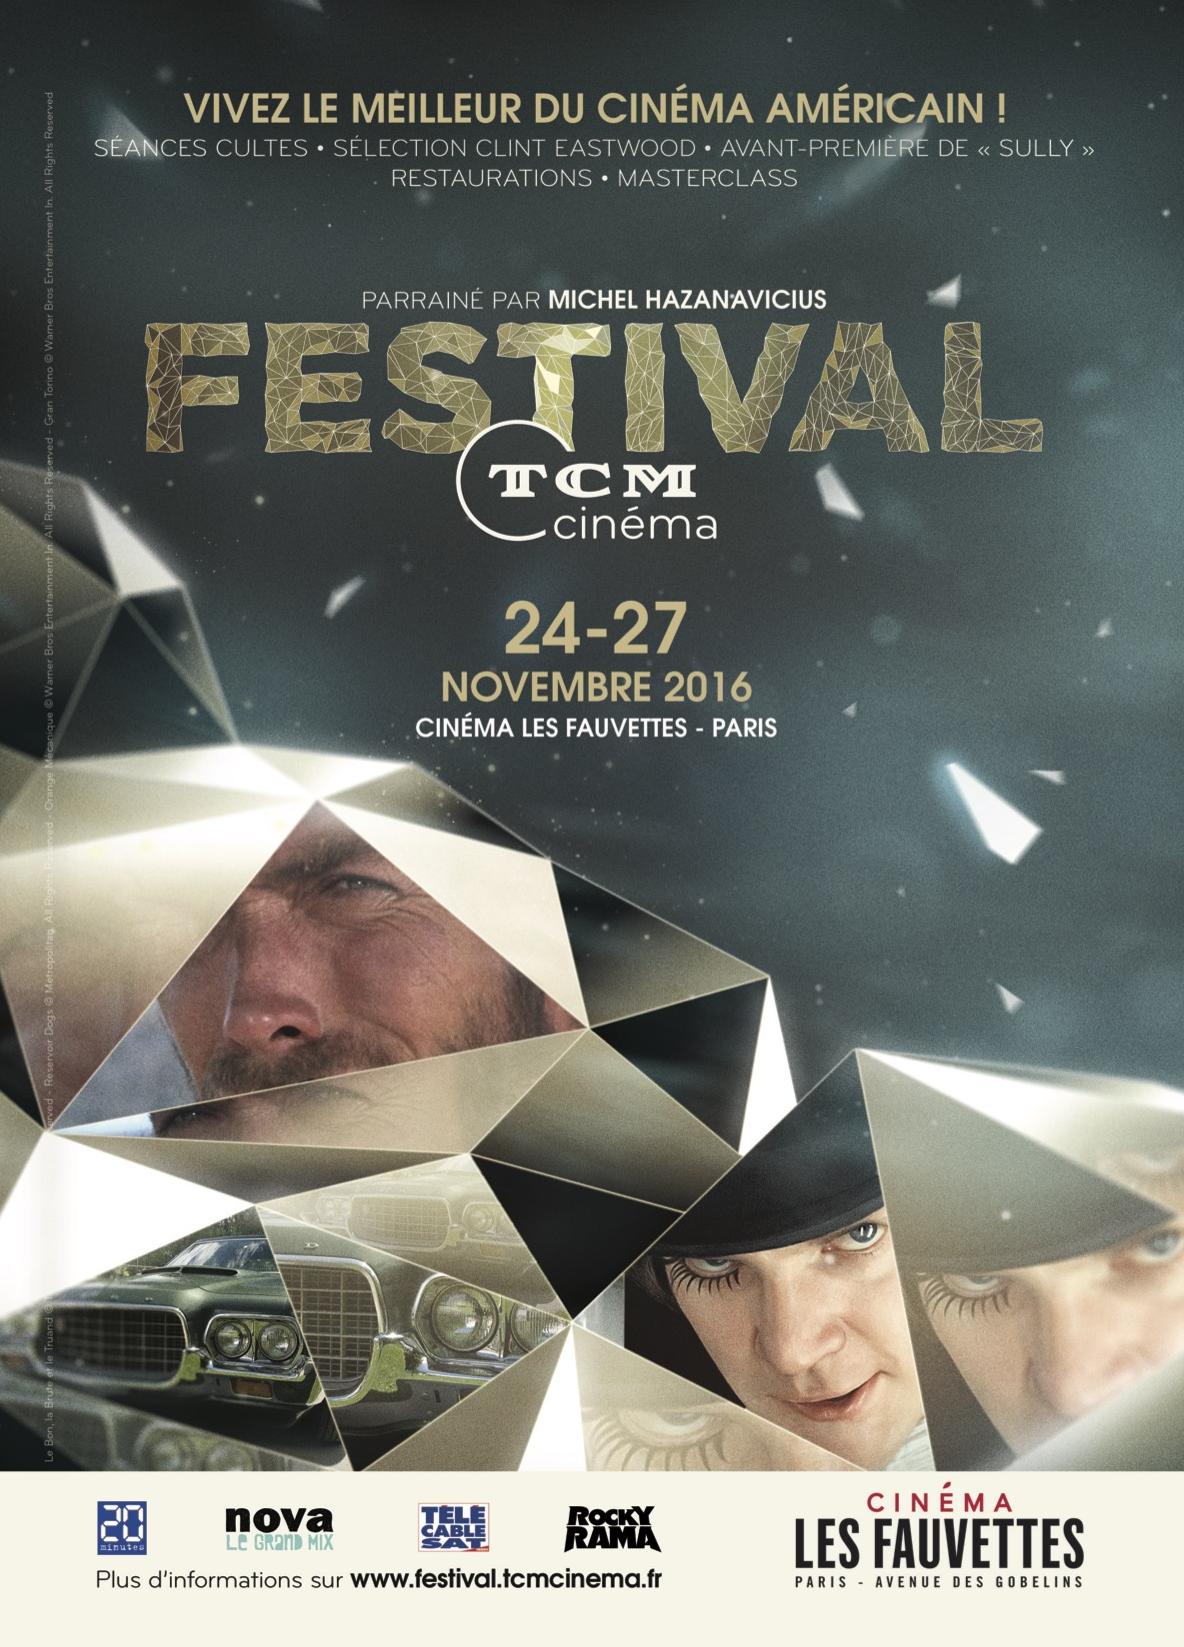 carte-blanche-a-michel-hazanavicius-pour-la-soiree-douverture-du-festival-tcm-cinema